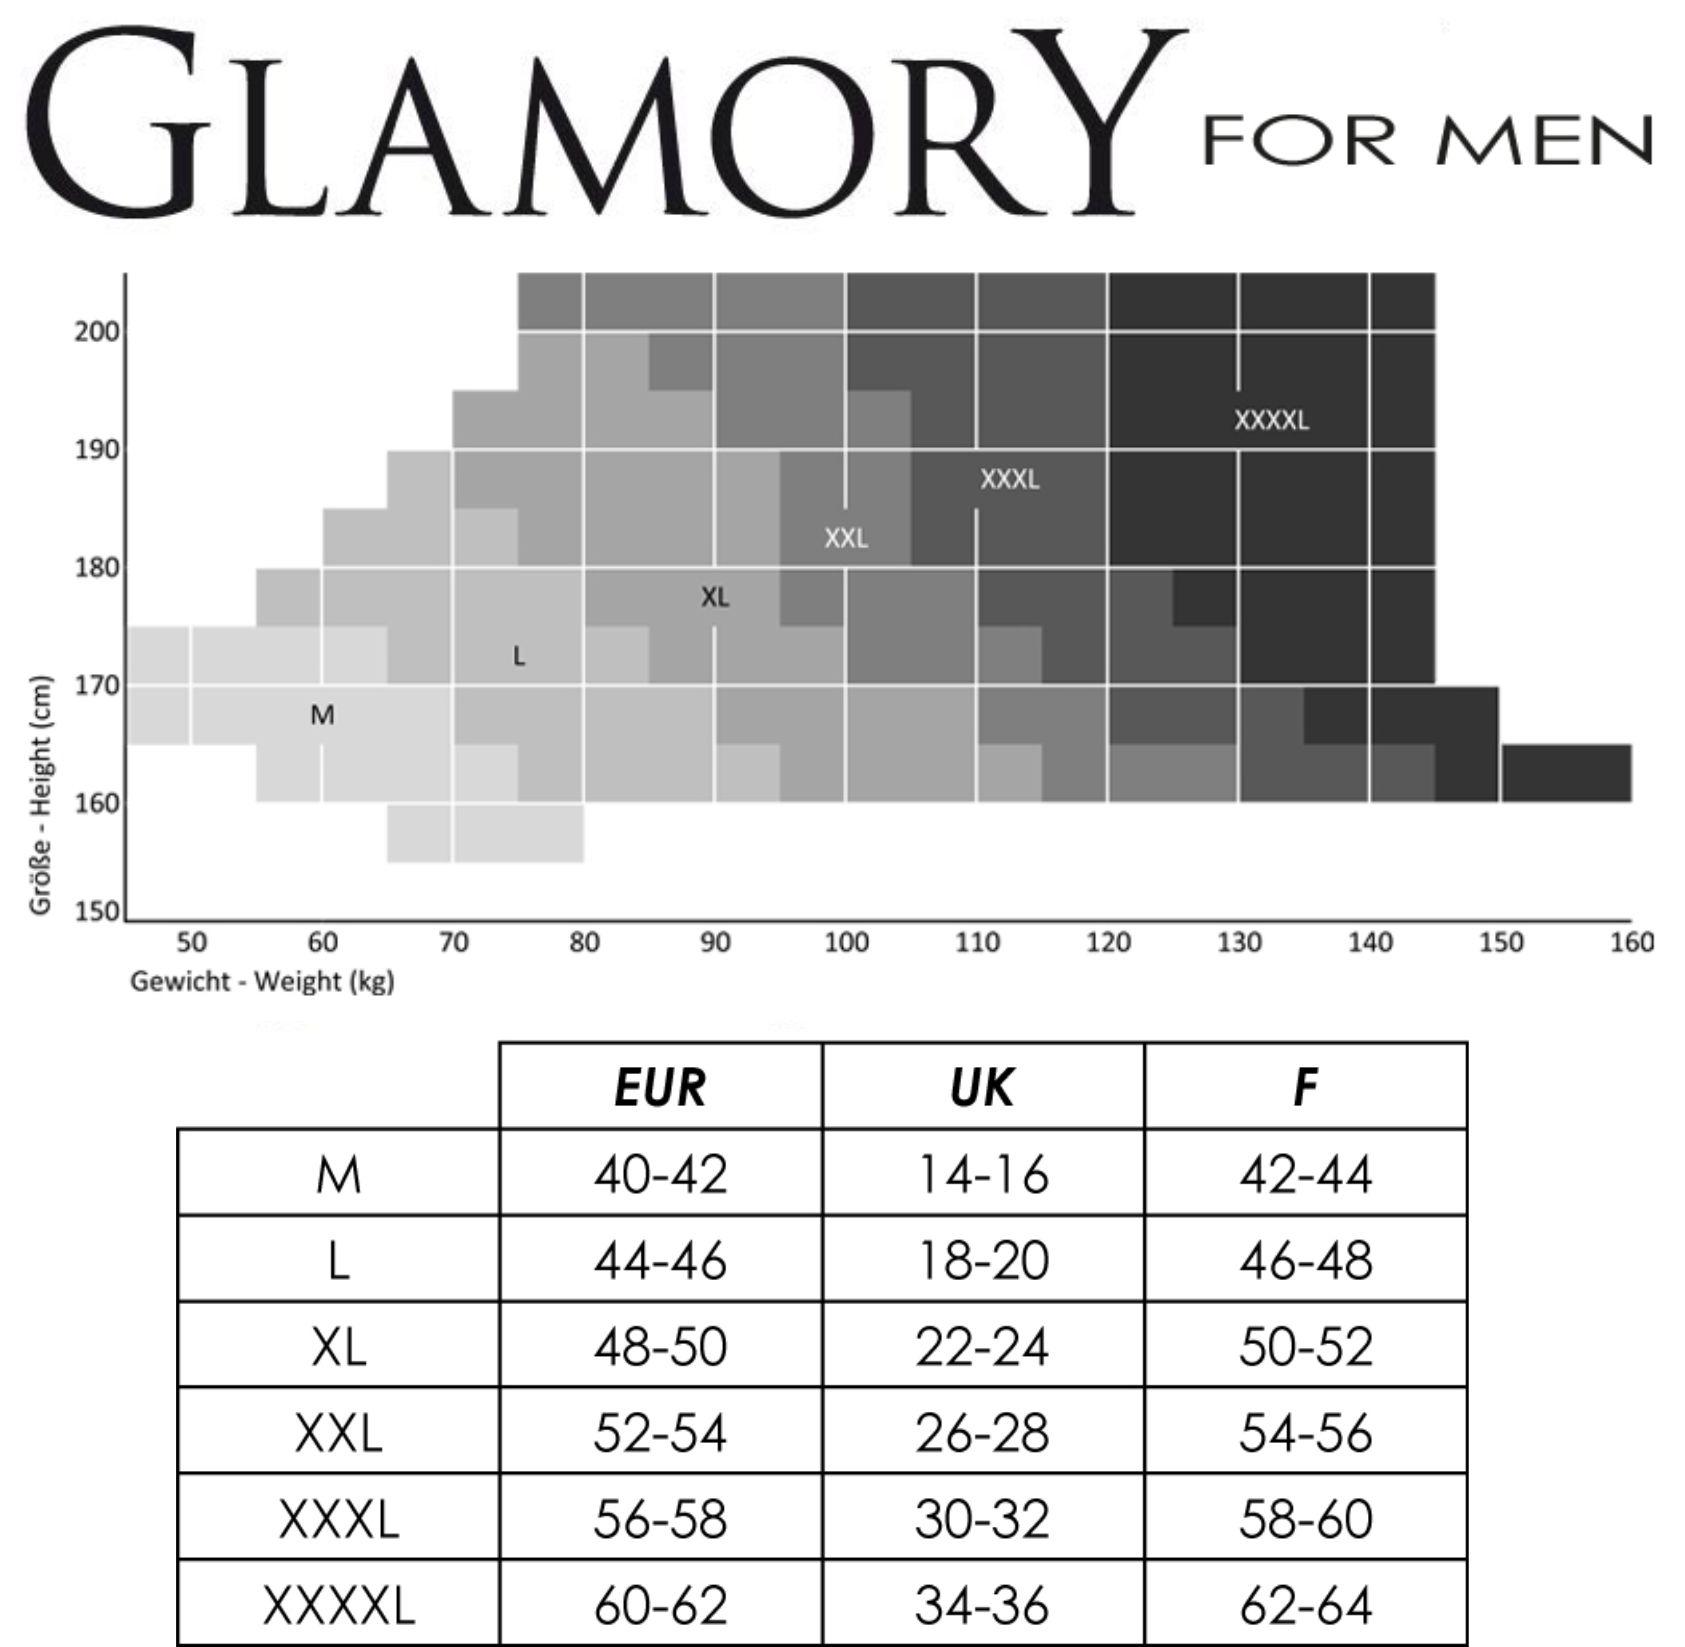 glamory-size-men5502010f78a58